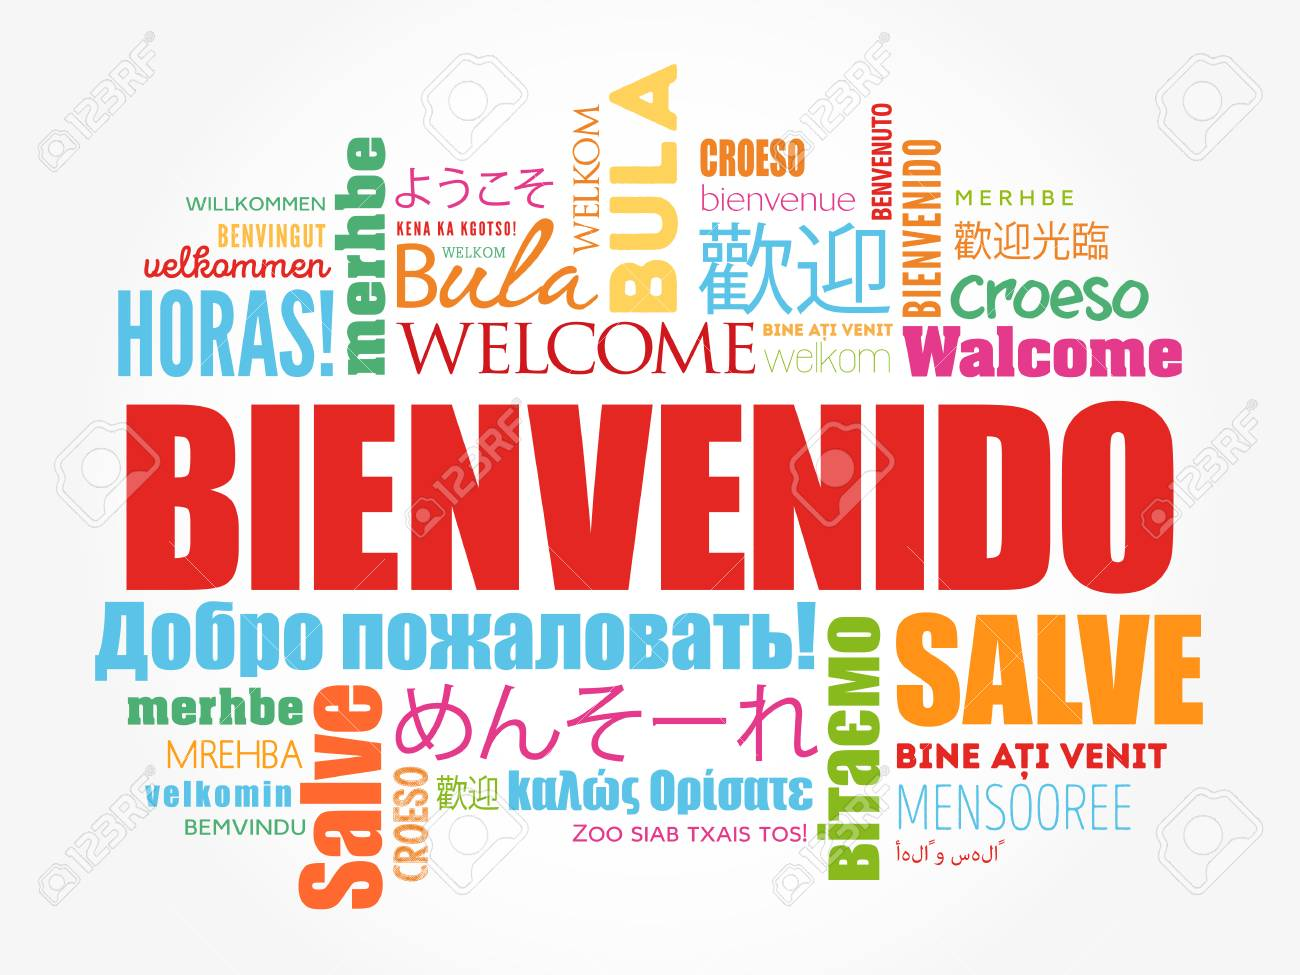 Me presento como corresponde , un poco tarde !! 80855189-bienvenido-bienvenido-en-espa%C3%B1ol-nube-de-palabras-en-diferentes-idiomas-trasfondo-conceptual